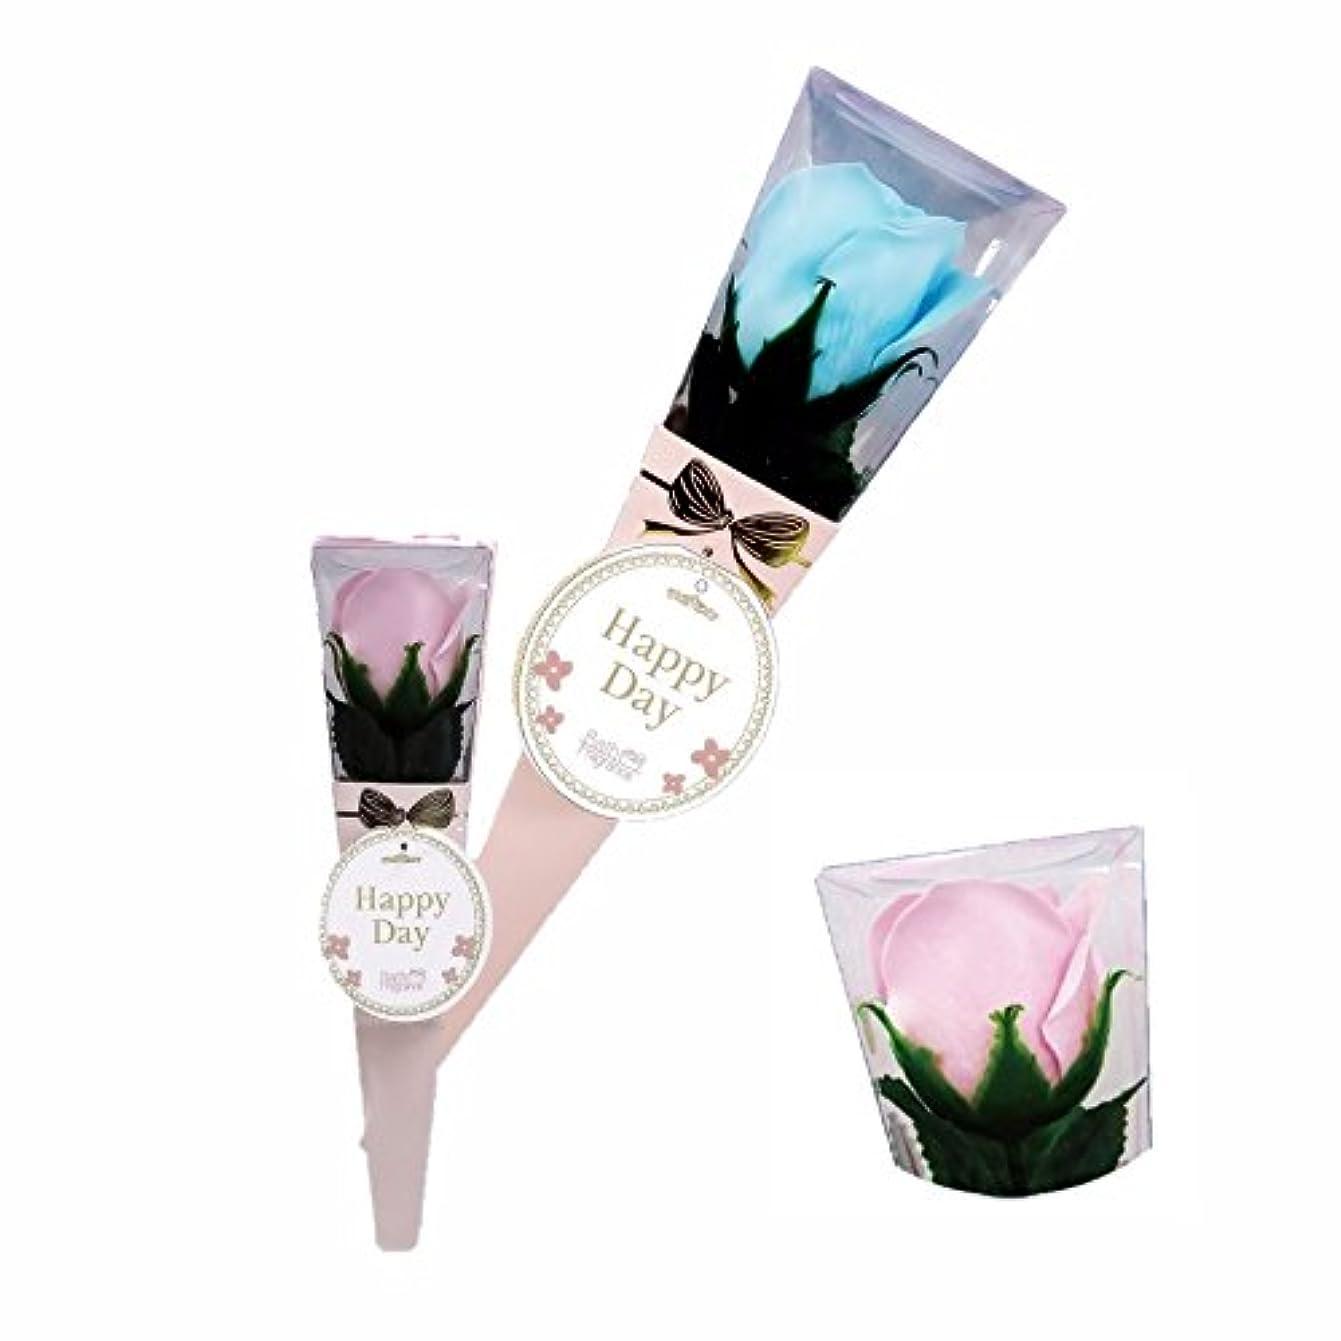 電話をかける虫を数えるずらすバスフレグランス ミニローズブーケ ピンク バスフラワー ギフト お花の形の入浴剤